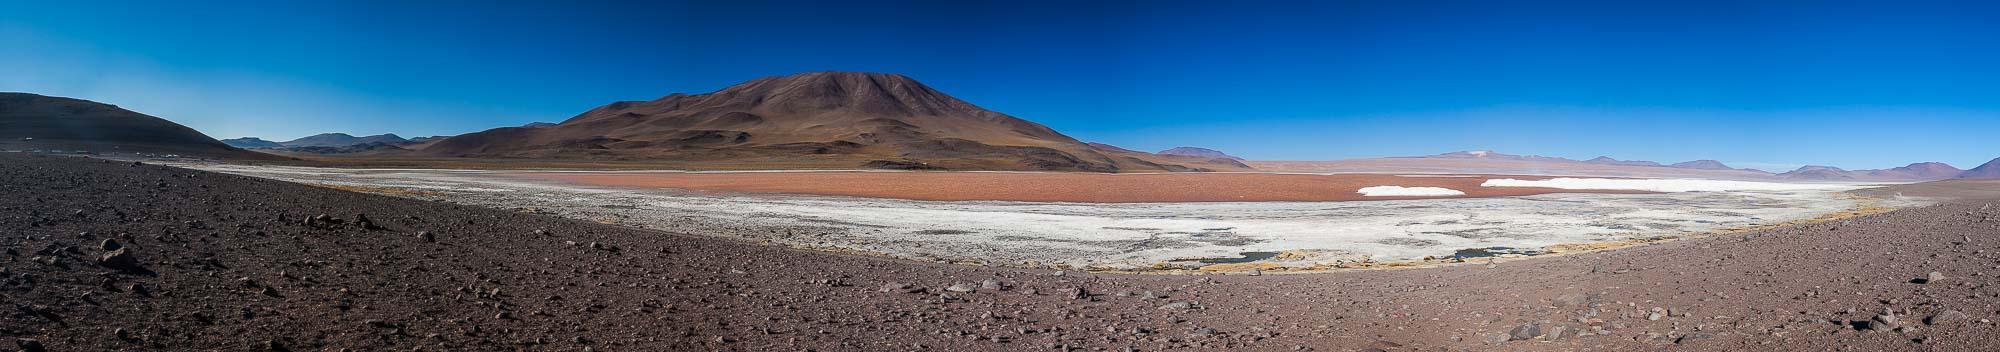 Laguna Colorada - Bolivia Altiplano - www.jusmedic.com